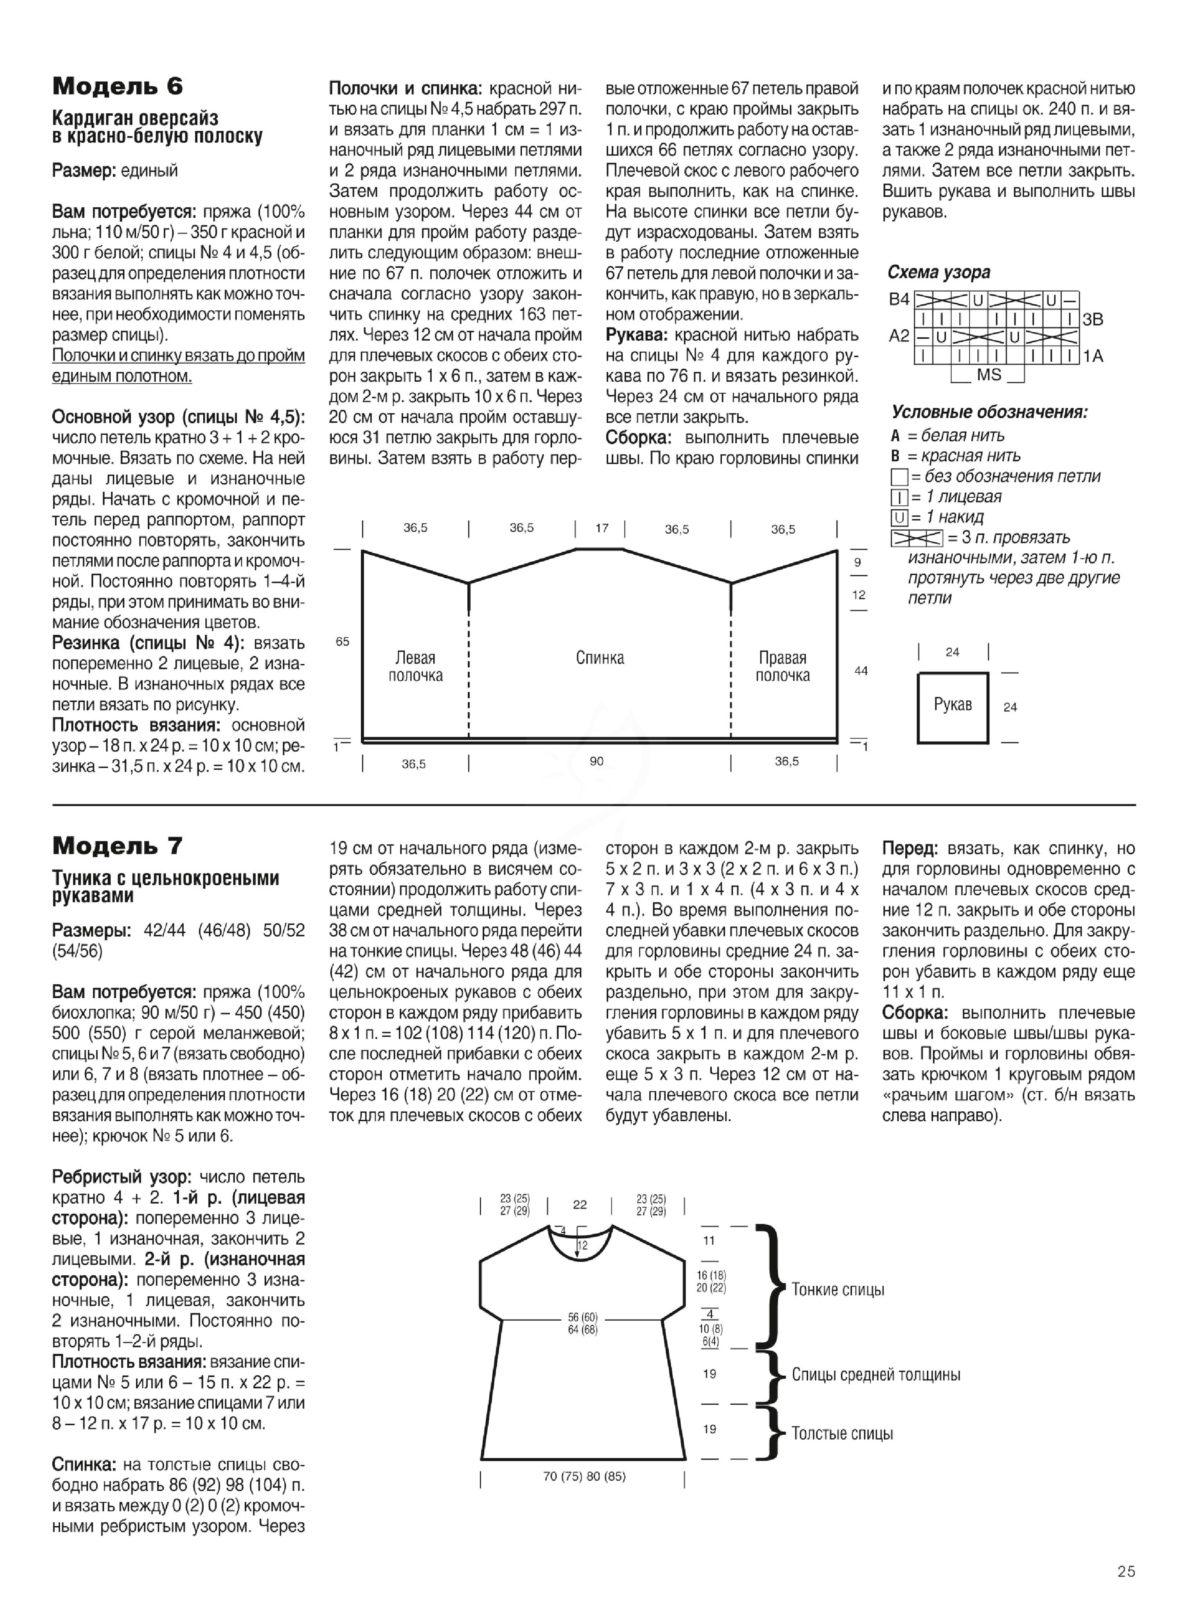 Вязание спицами для женщин модели 2018: схема вязания 1